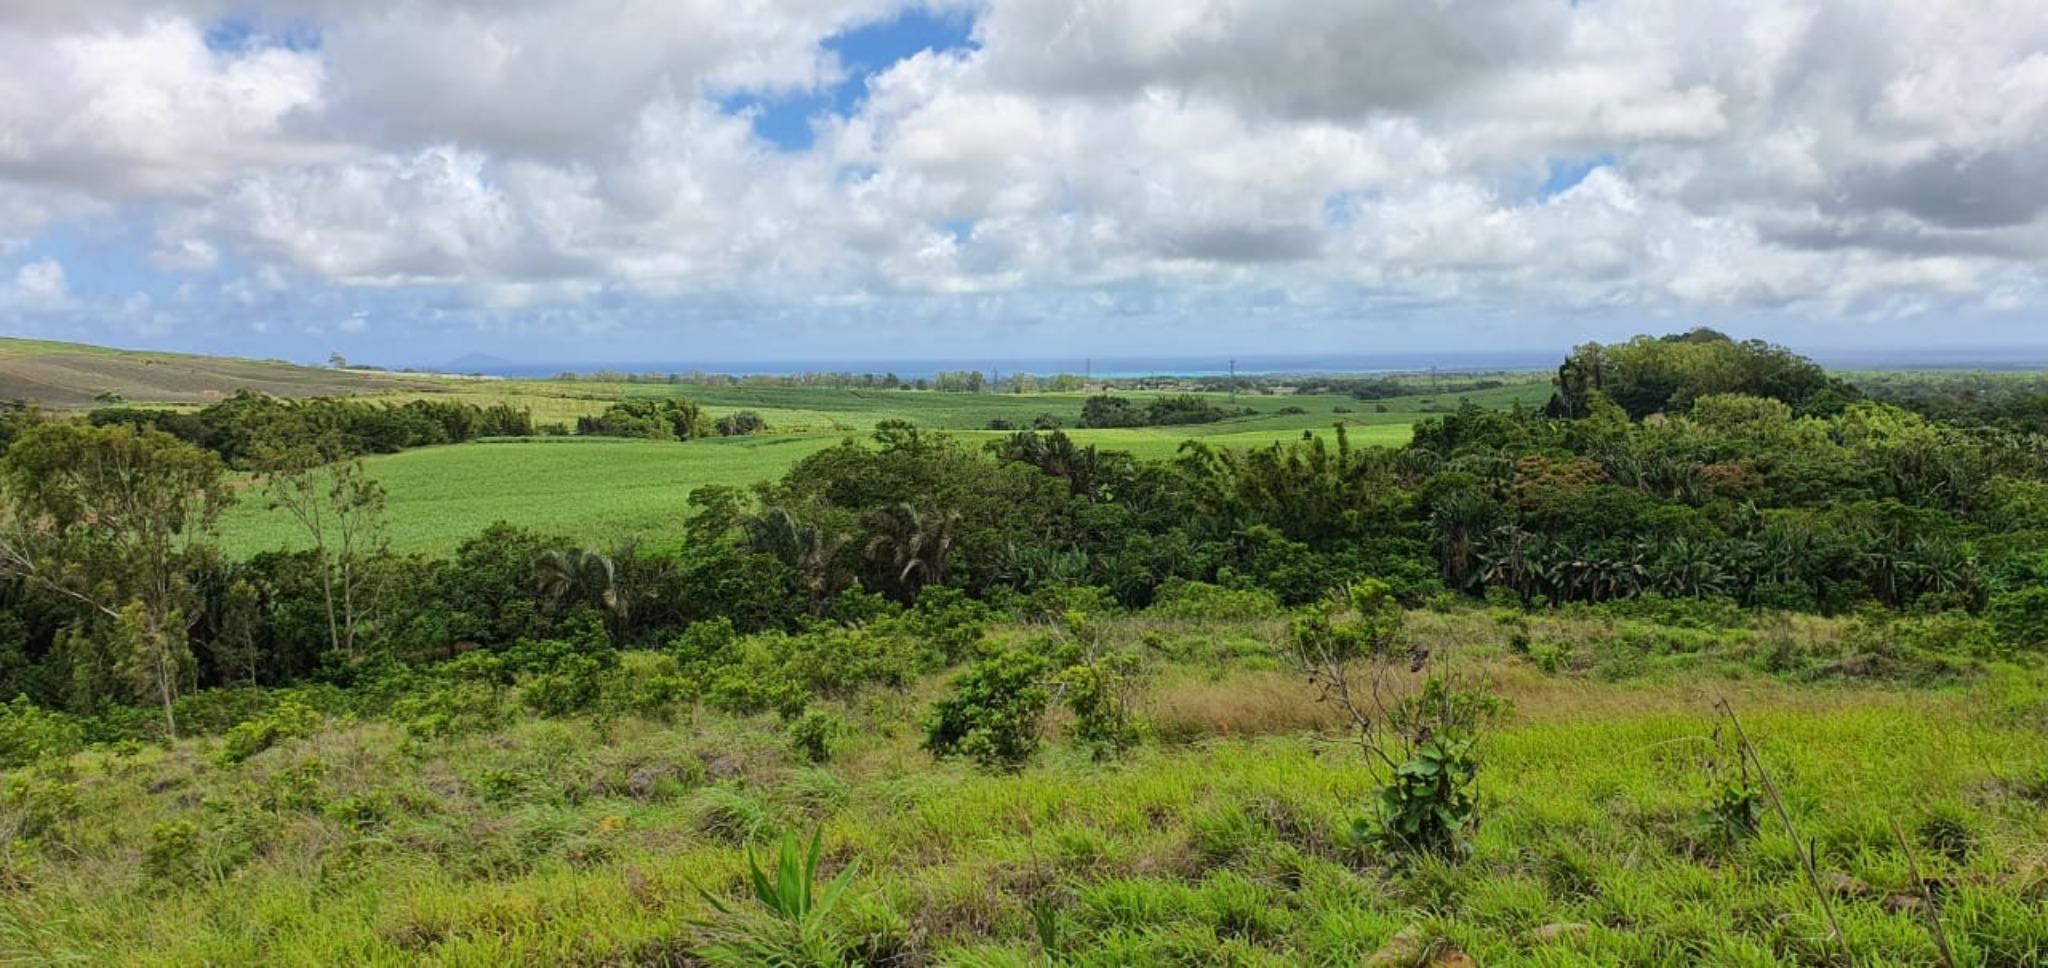 A vendre – Terrain agricole de 37 arpents 50 se situe dans un environnement verdoyant dans les hauteurs de La Nicolière.